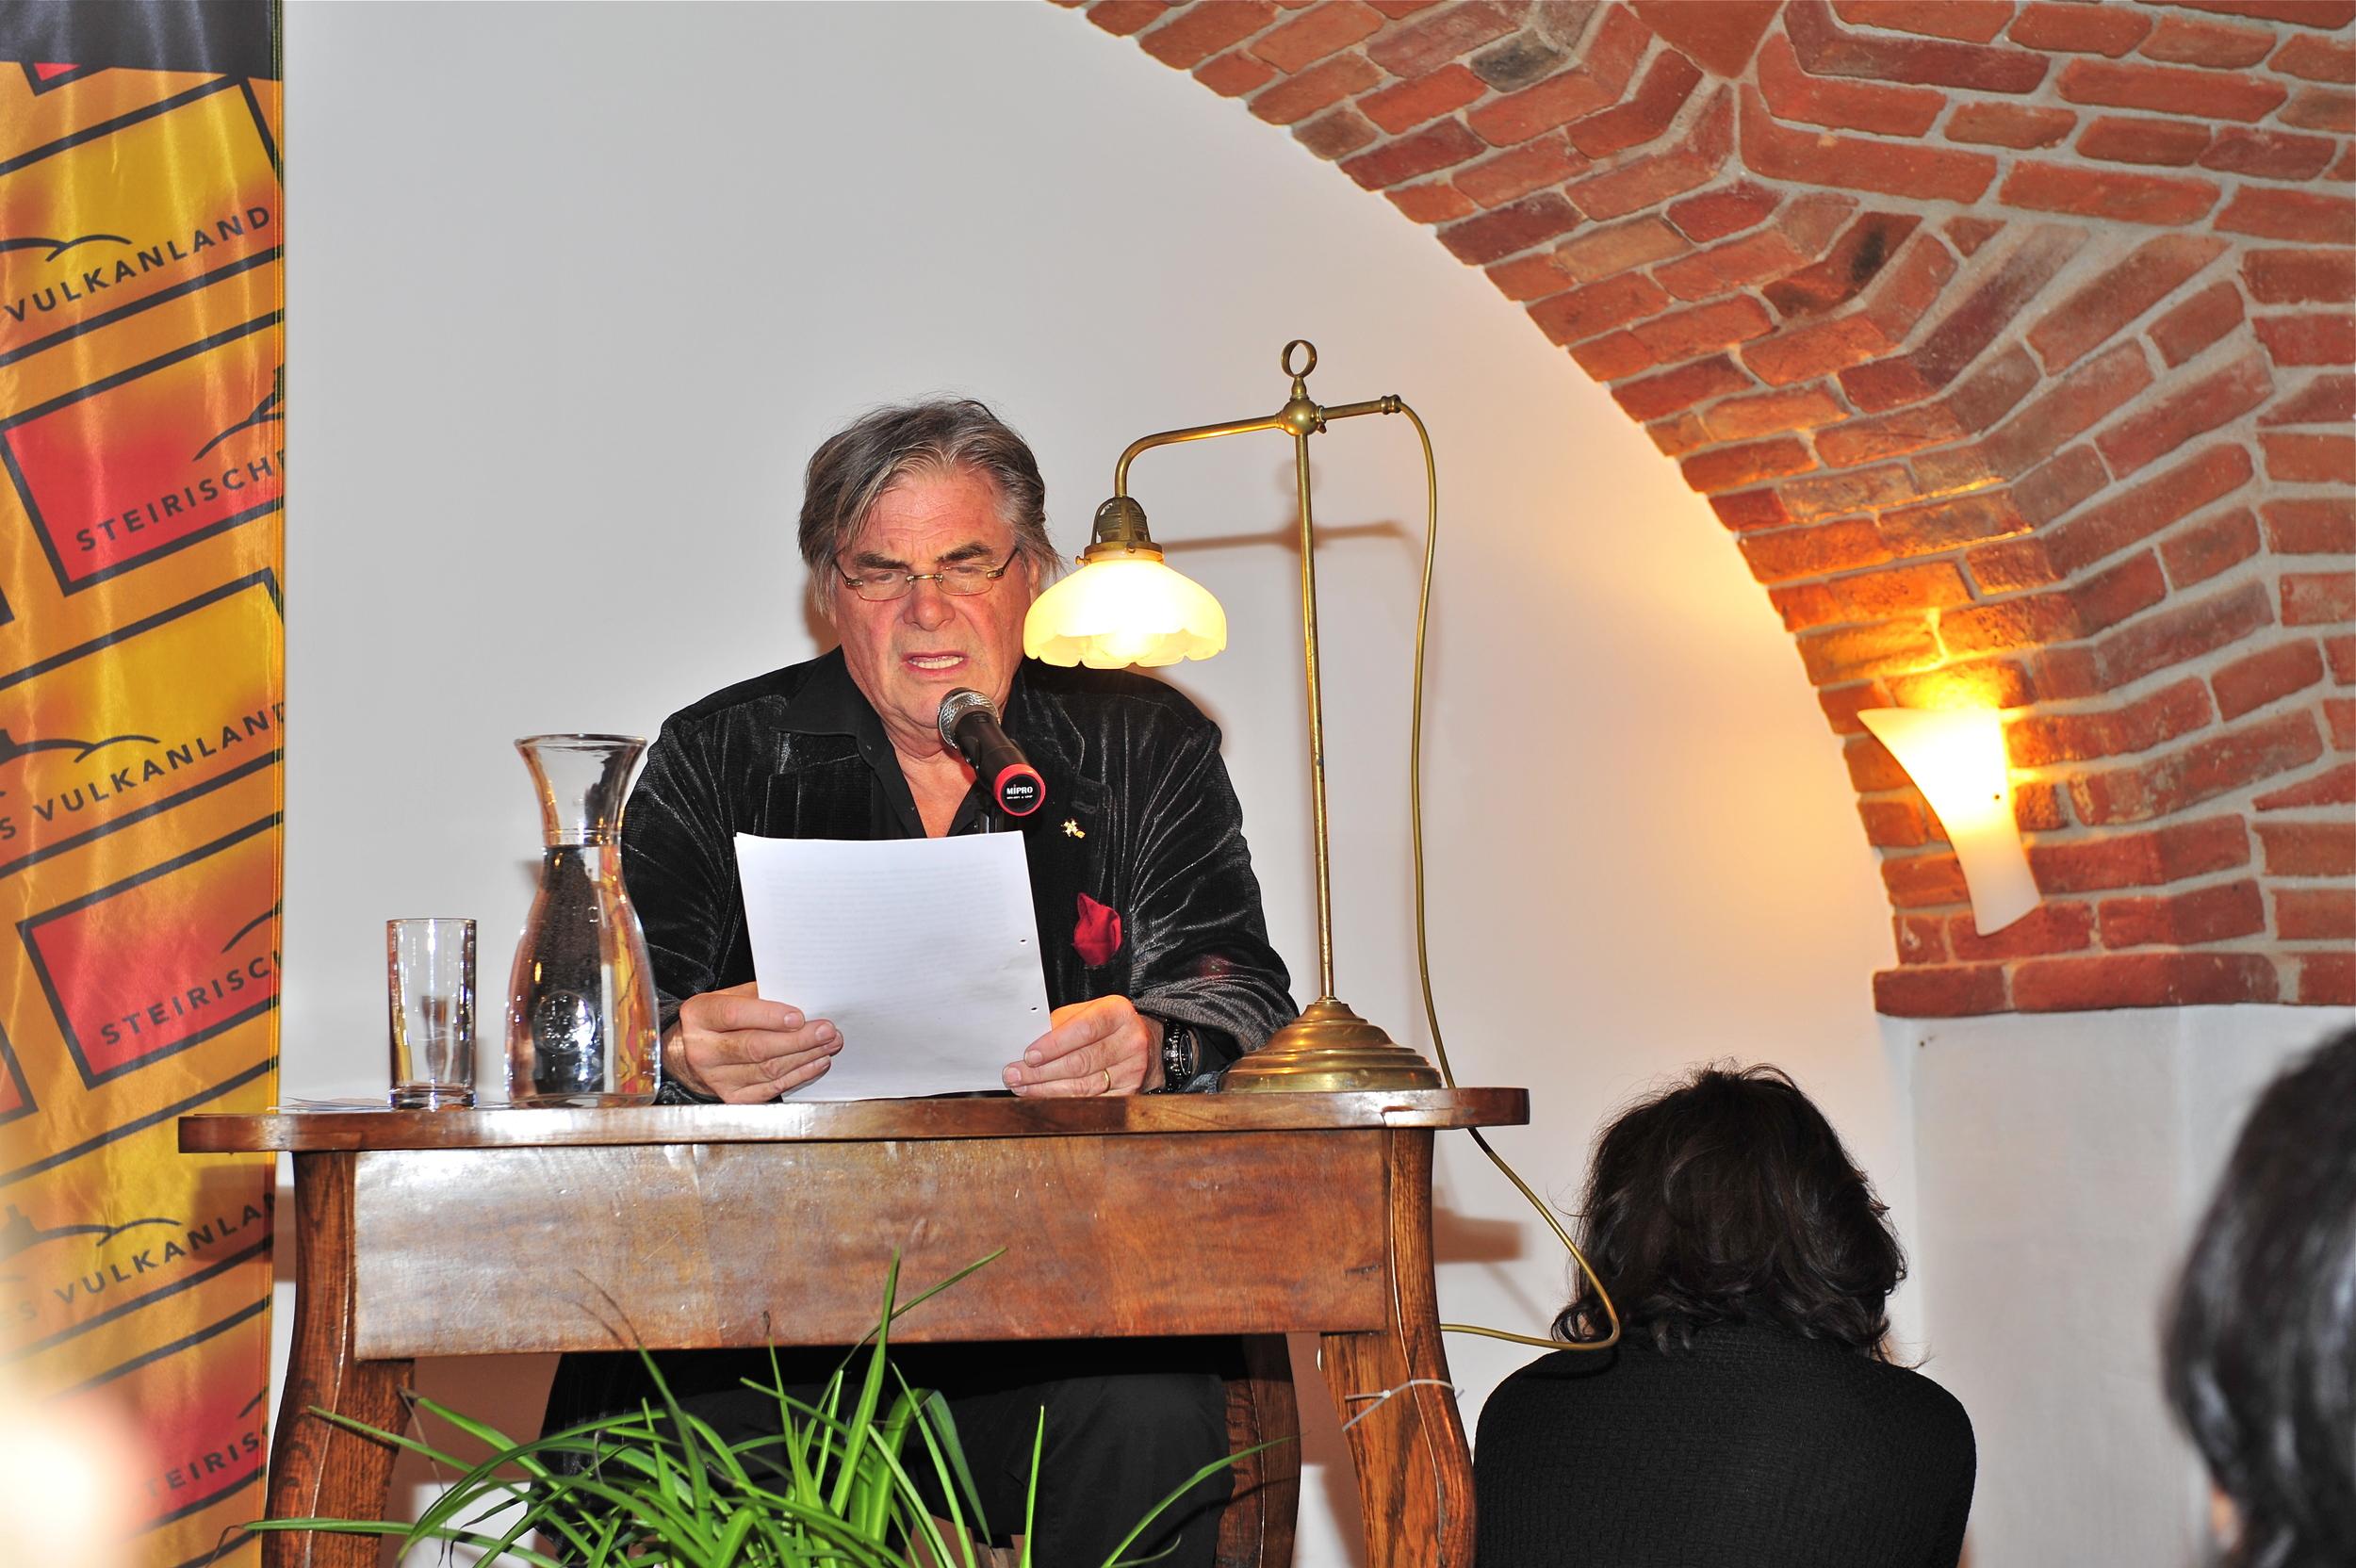 Buchpräsentation, Peter Simonischek - Wortschatz 2010 Literaturwettbewerb